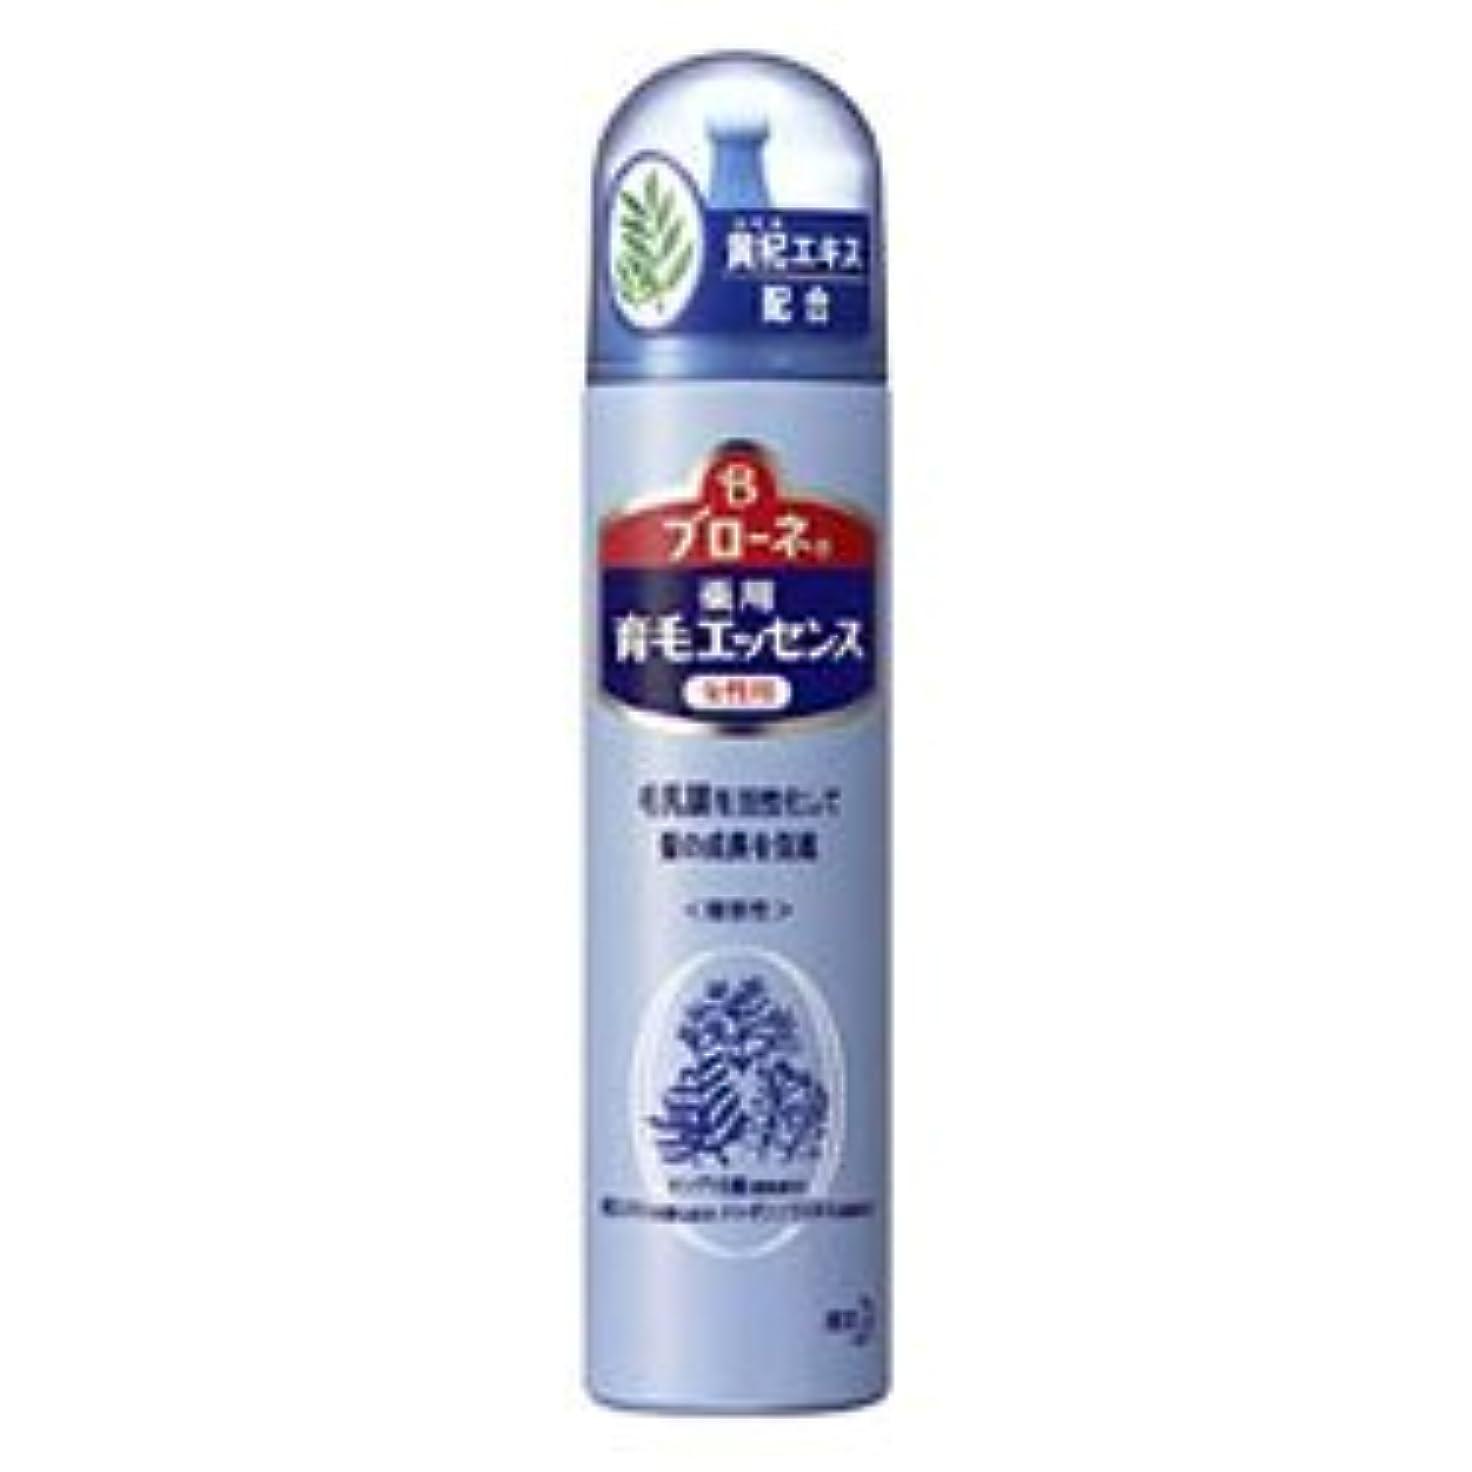 パッケージ実験アルコーブ【花王】ブローネ 薬用育毛エッセンス 130g ×20個セット